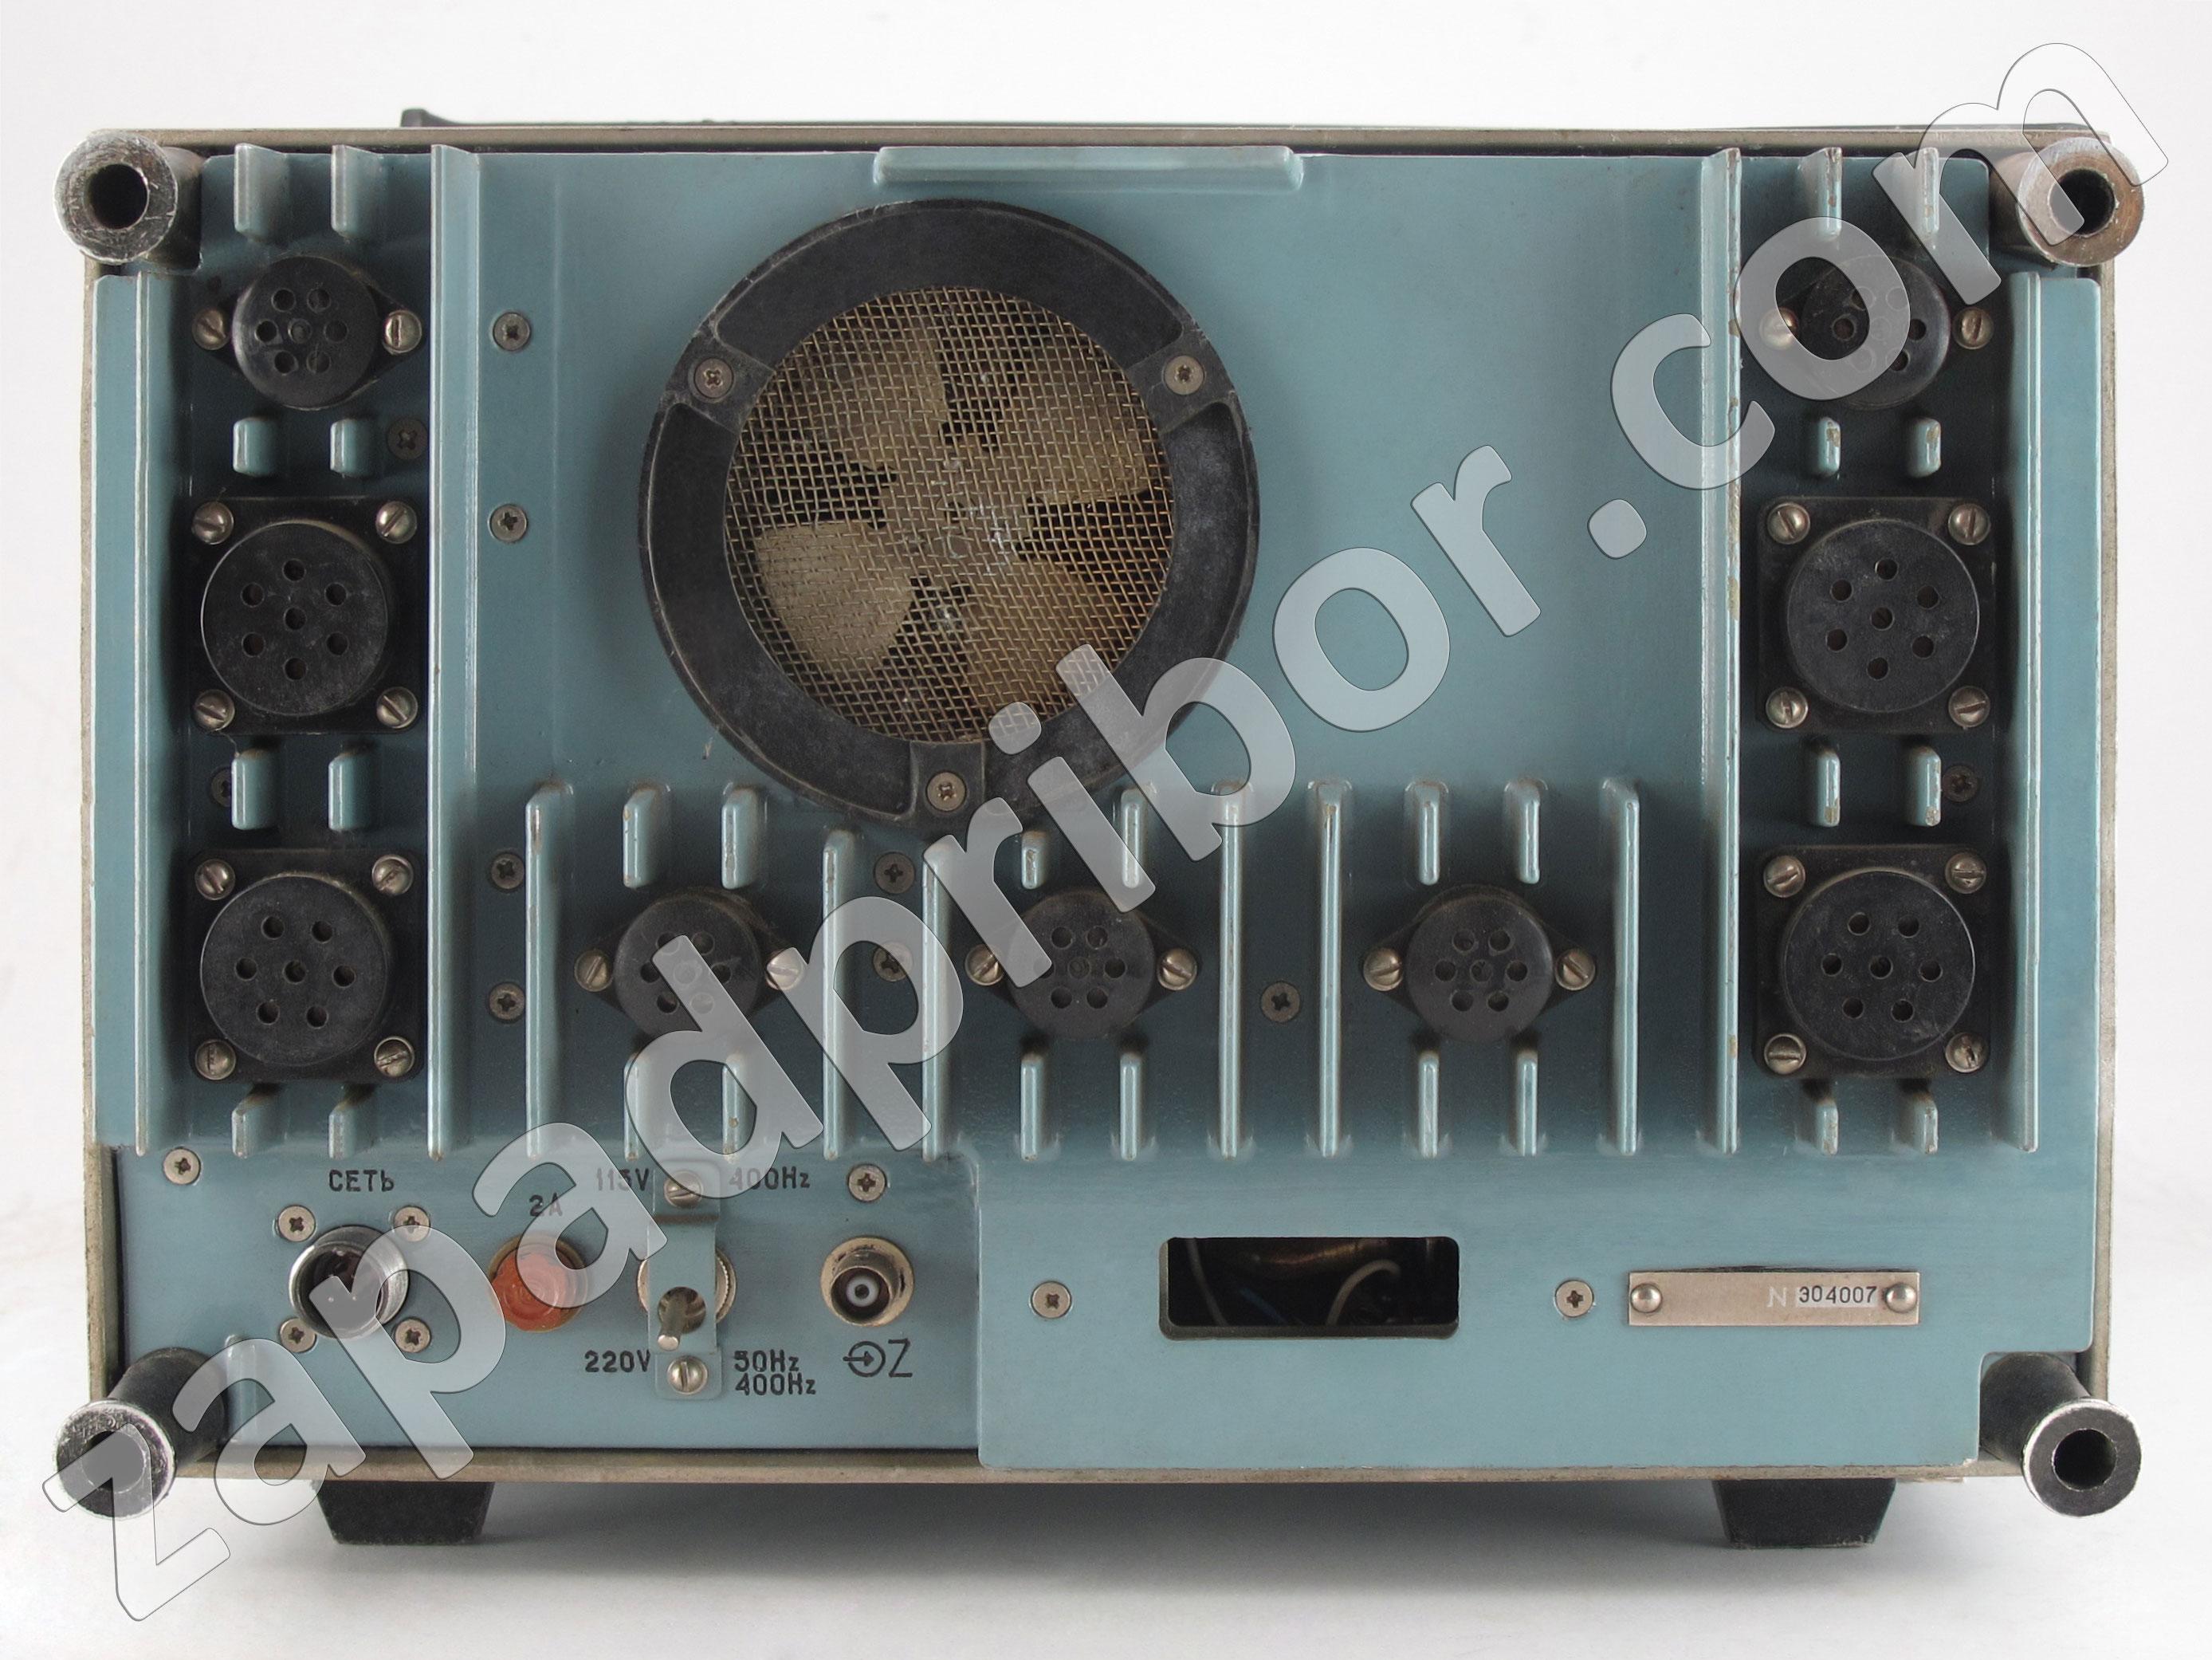 осциллограф н3015 инструкция